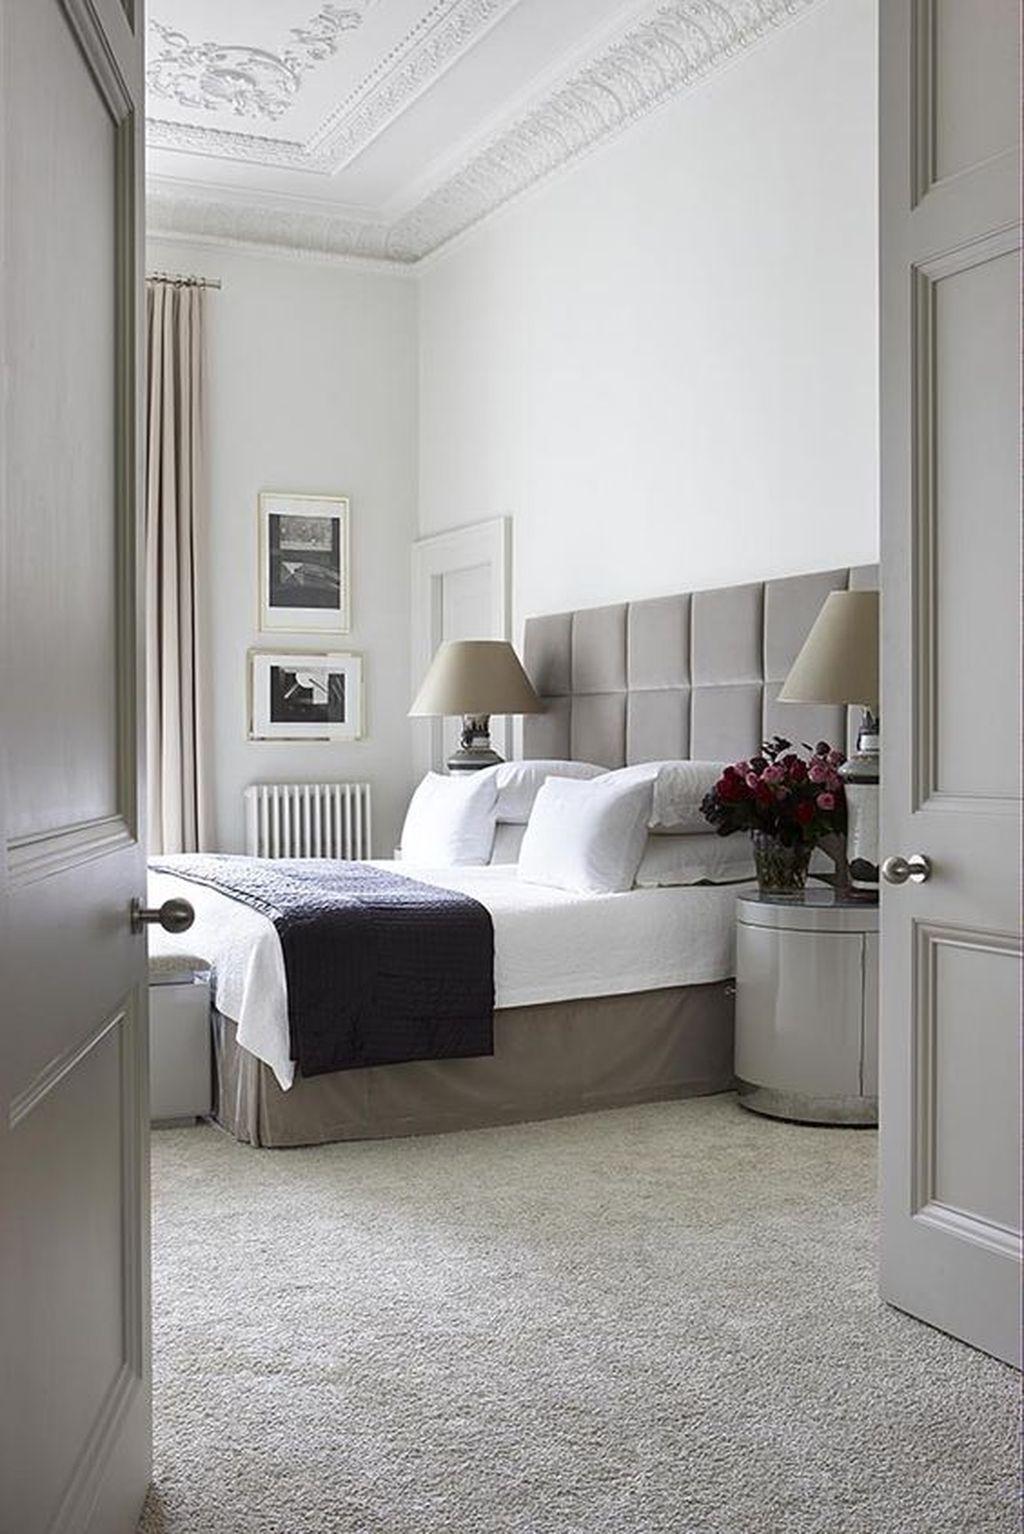 . 42 Charming Contemporary Bedroom Designs Ideas   Bedroom   Bedroom